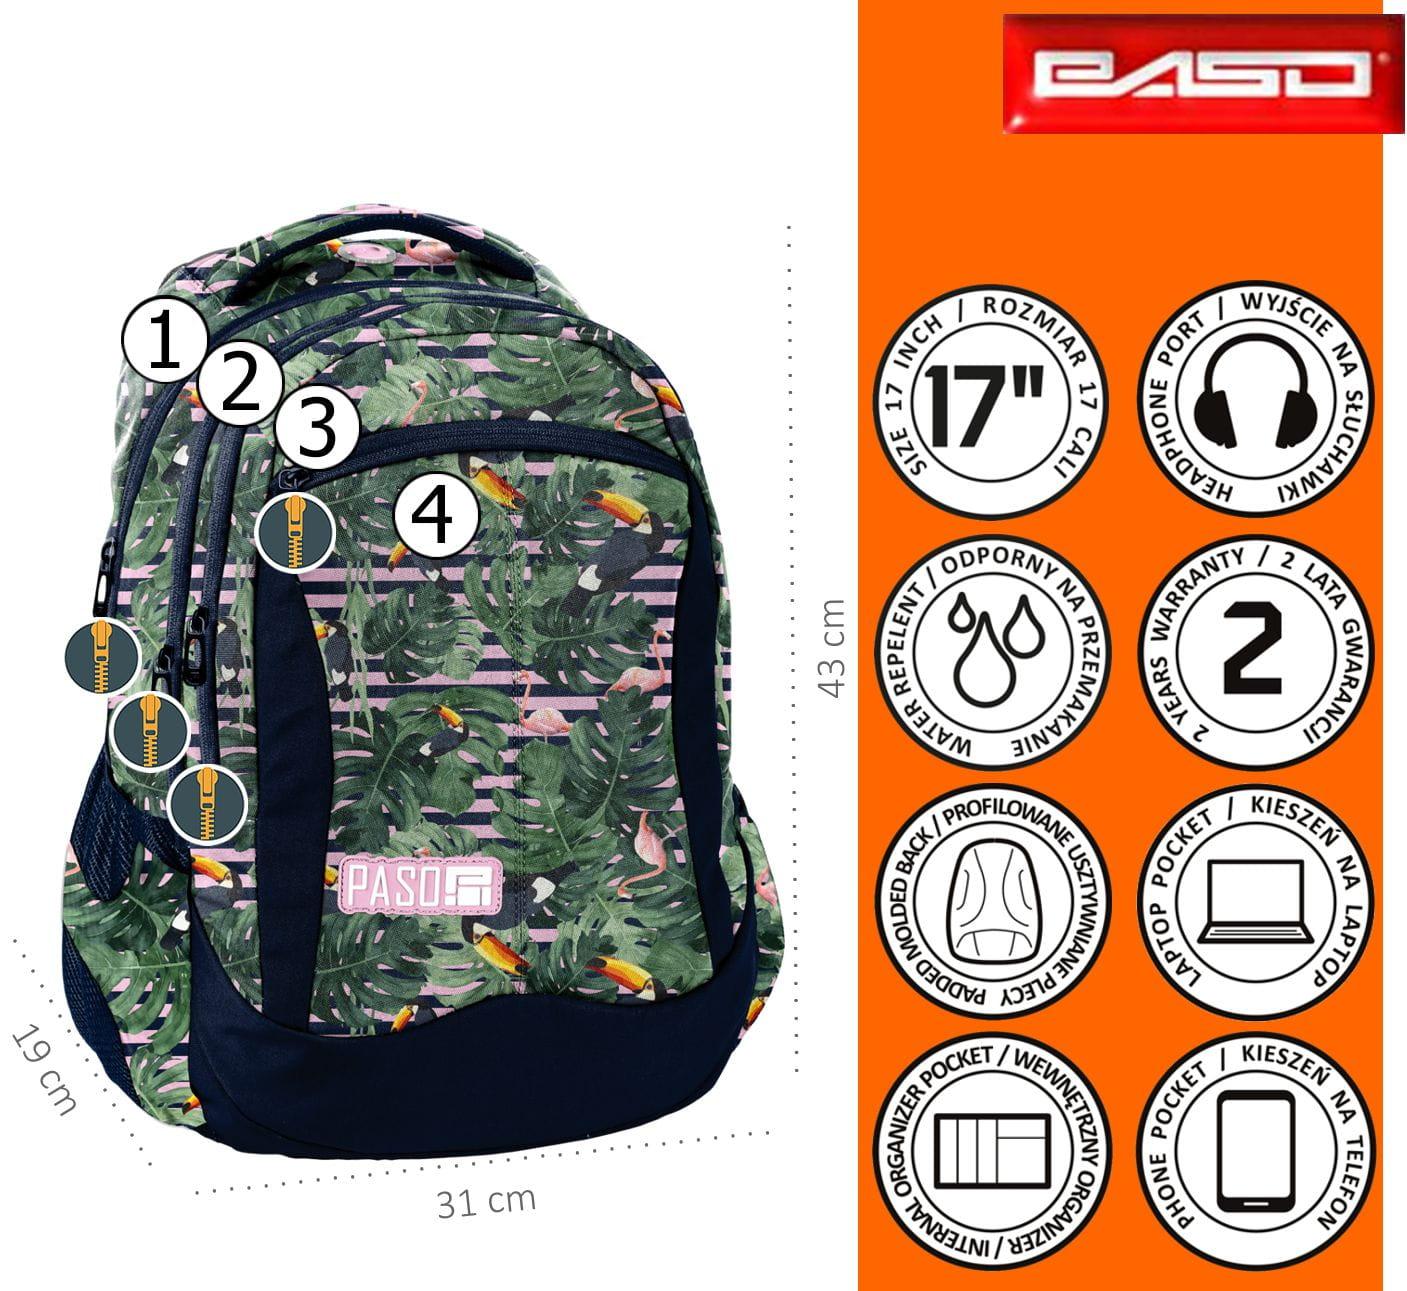 12b689959d17b Zestaw młodzieżowy 3-elementowy PASO, plecak szkolny, piórnik, worek ...